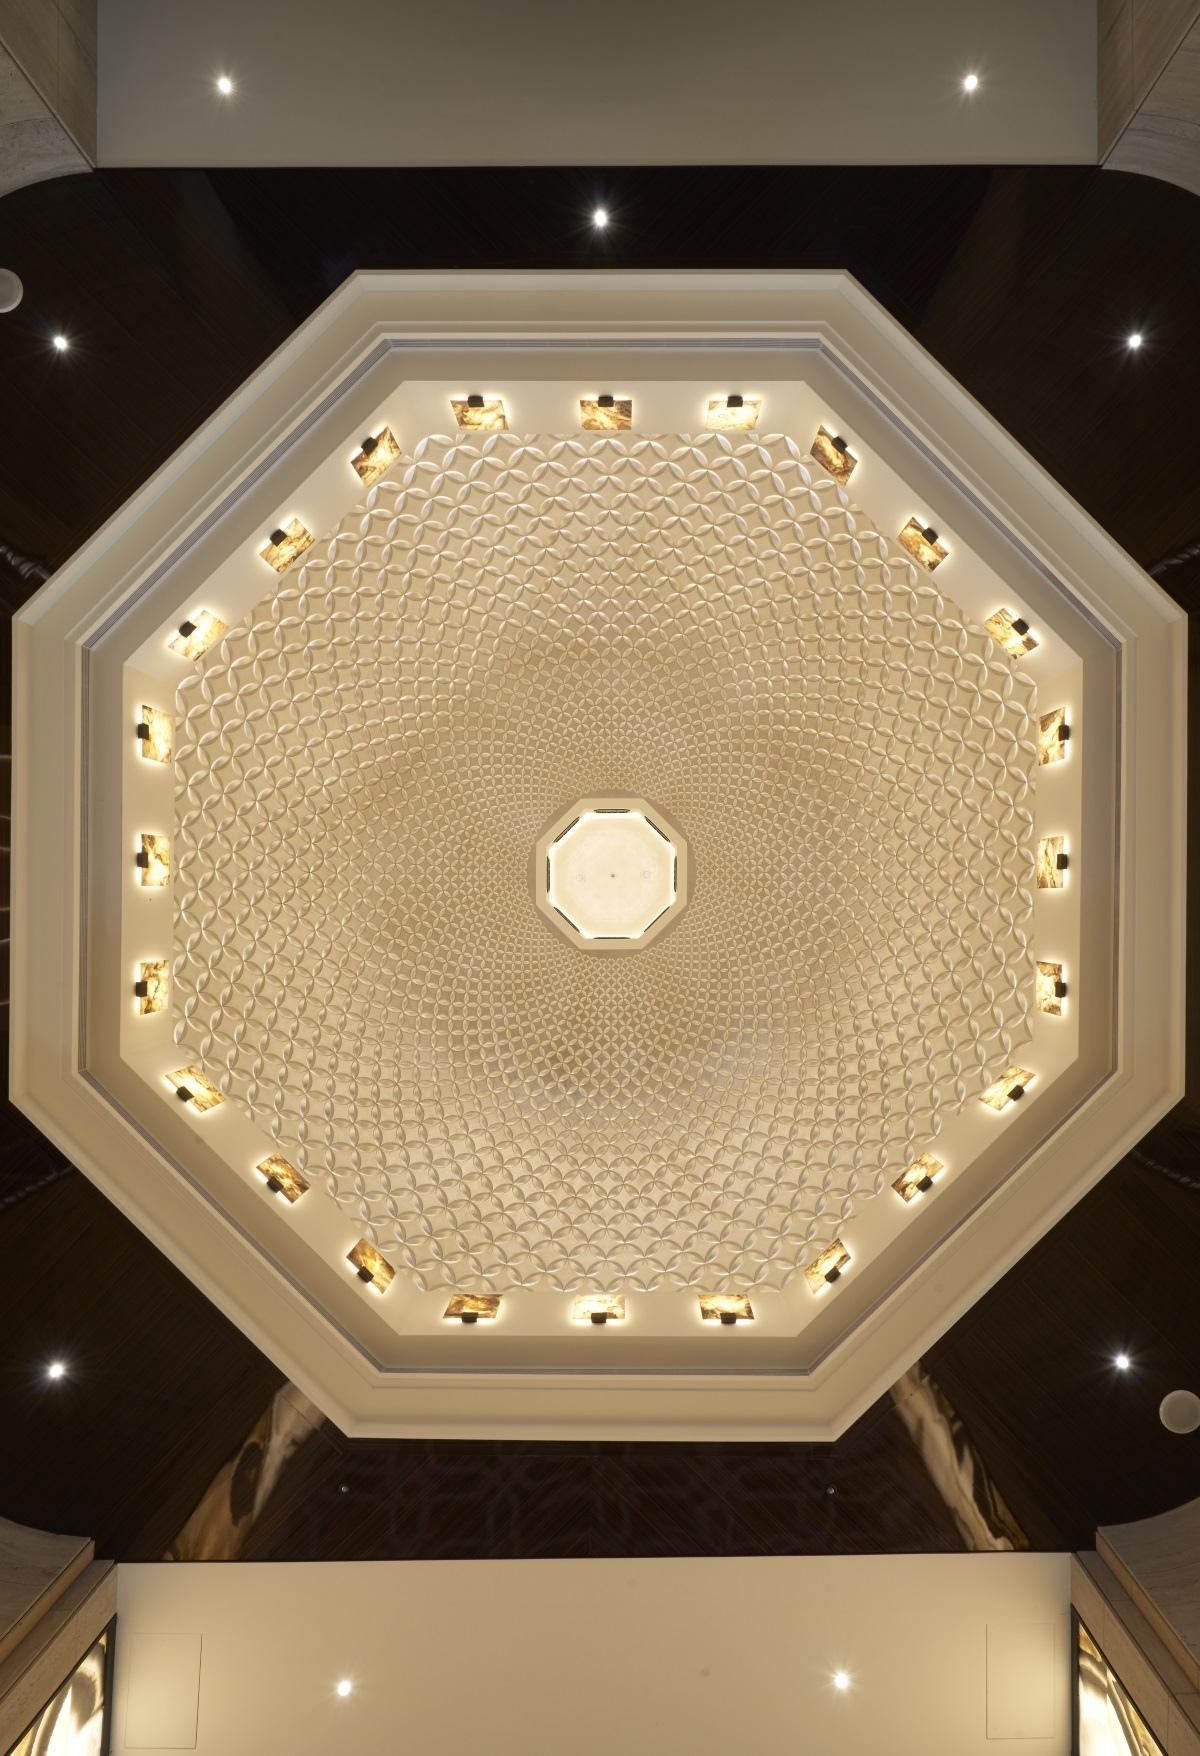 [竹北縣三]山璞翰林富苑(大樓)20170320-04 大廳穹頂